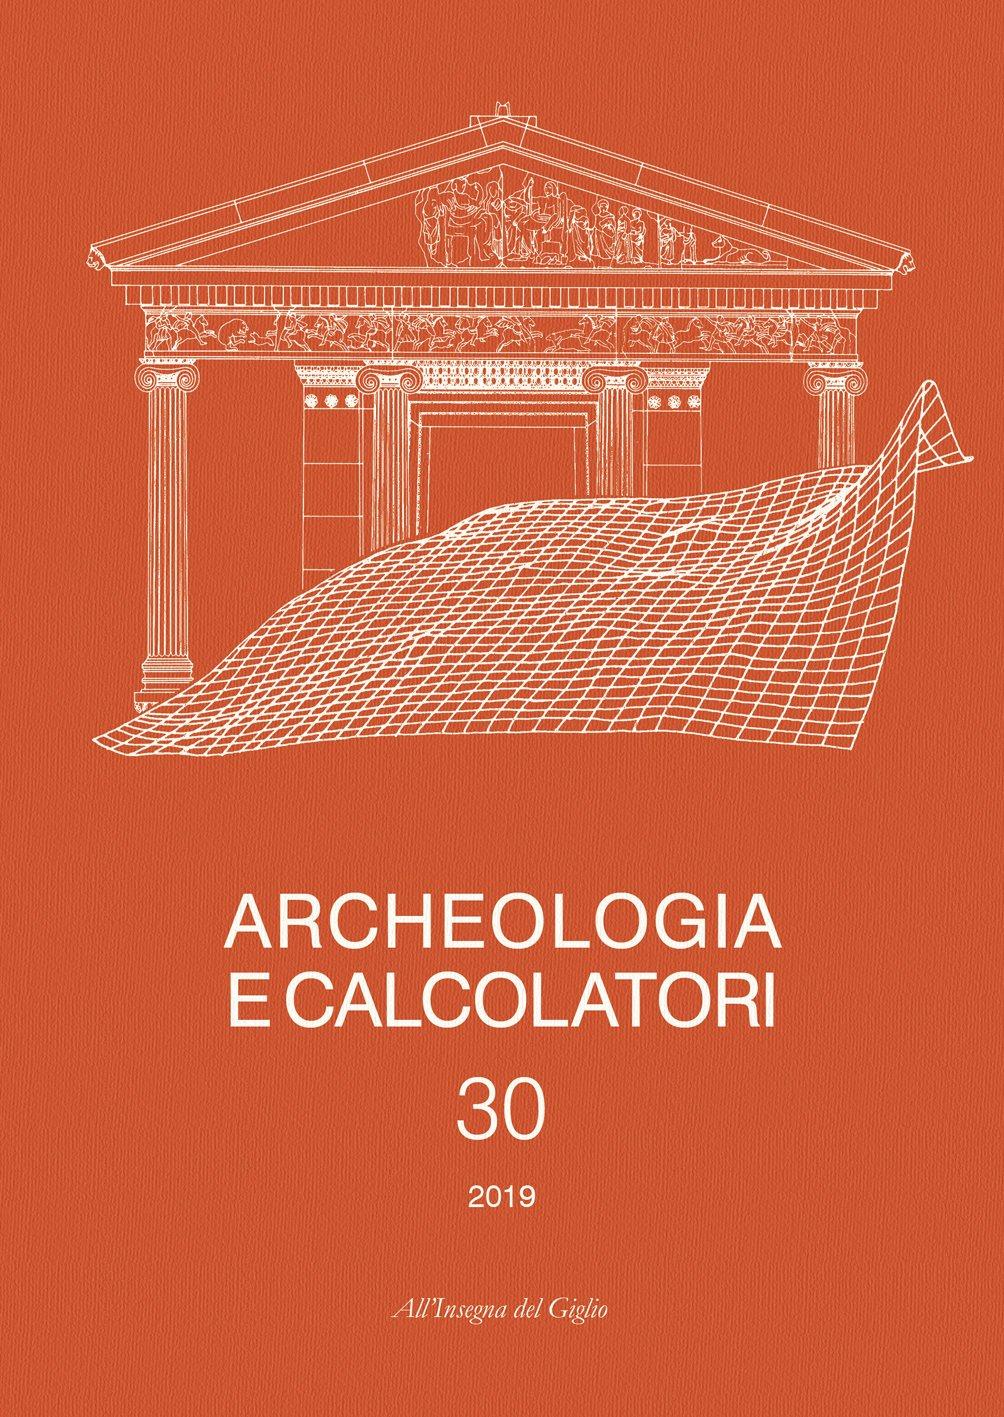 Archeologia e Calcolatori, 30, 2019